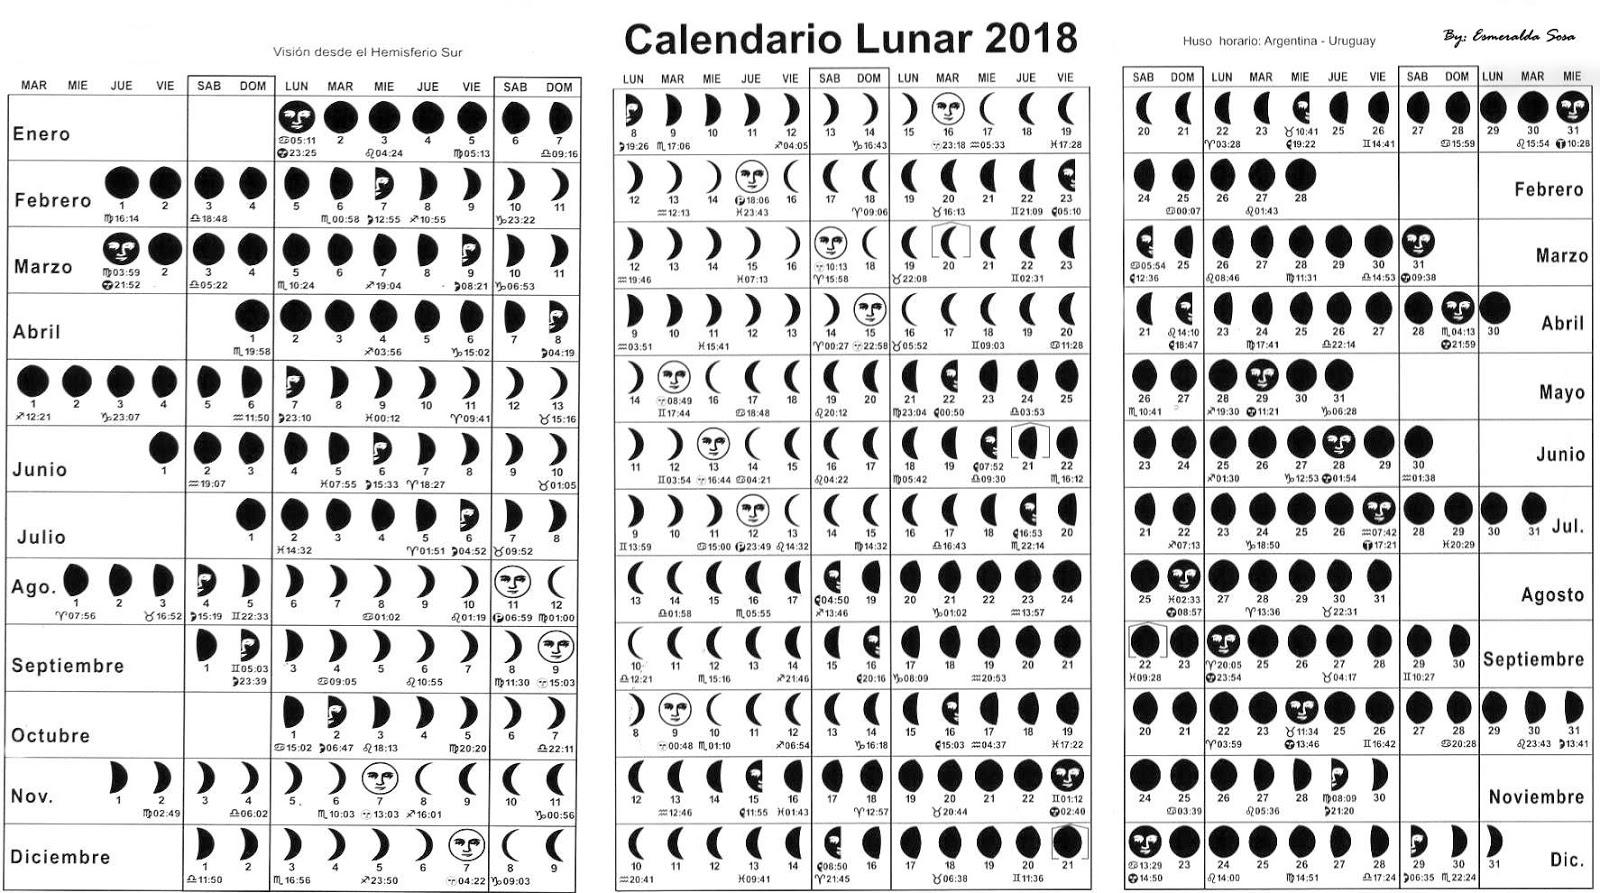 Calendario lunar 2017 e 2018 kalentri 2018 for Almanaque lunar 2017